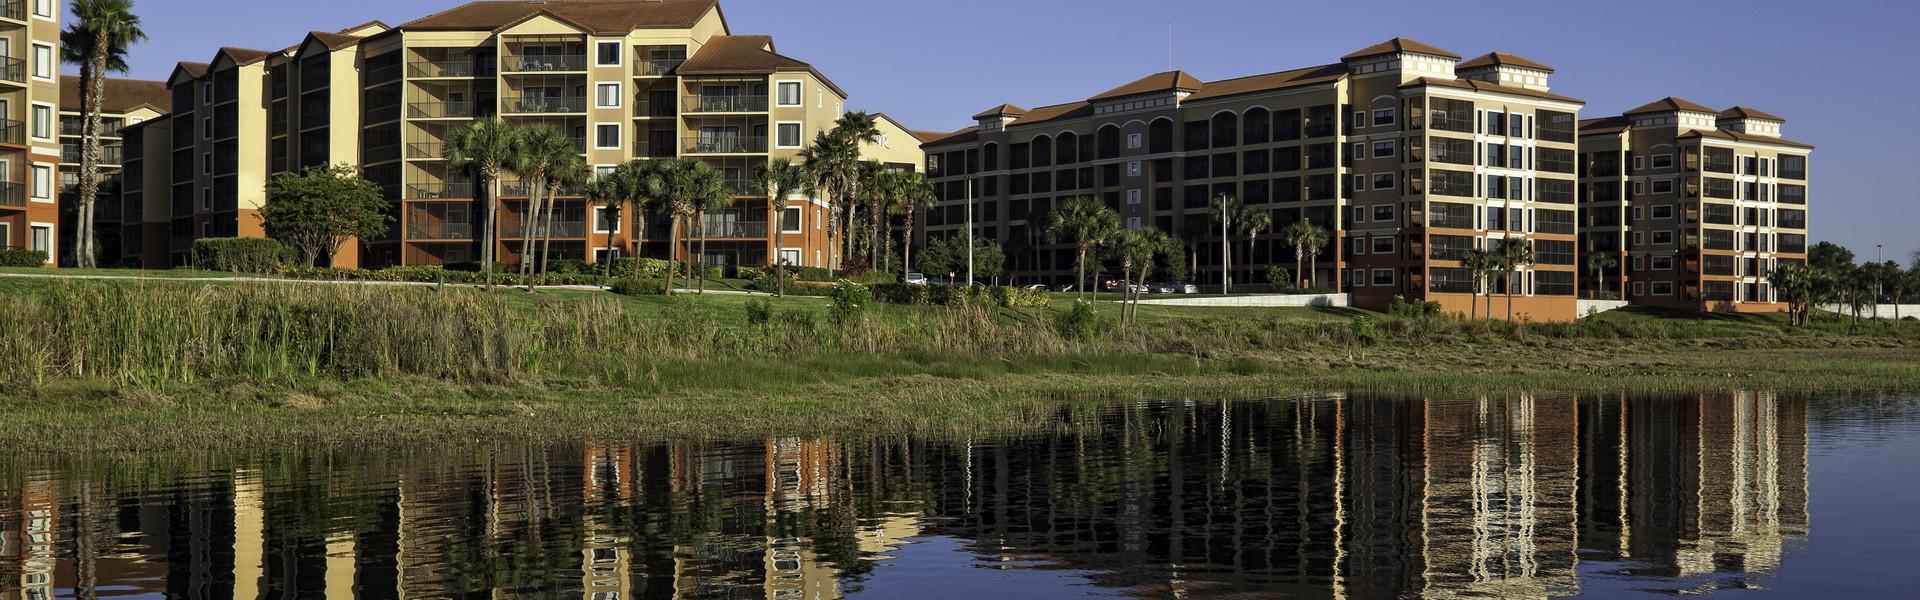 Luxury Rooms & Suites Near Disney | Westgate Lakes Resort & Spa